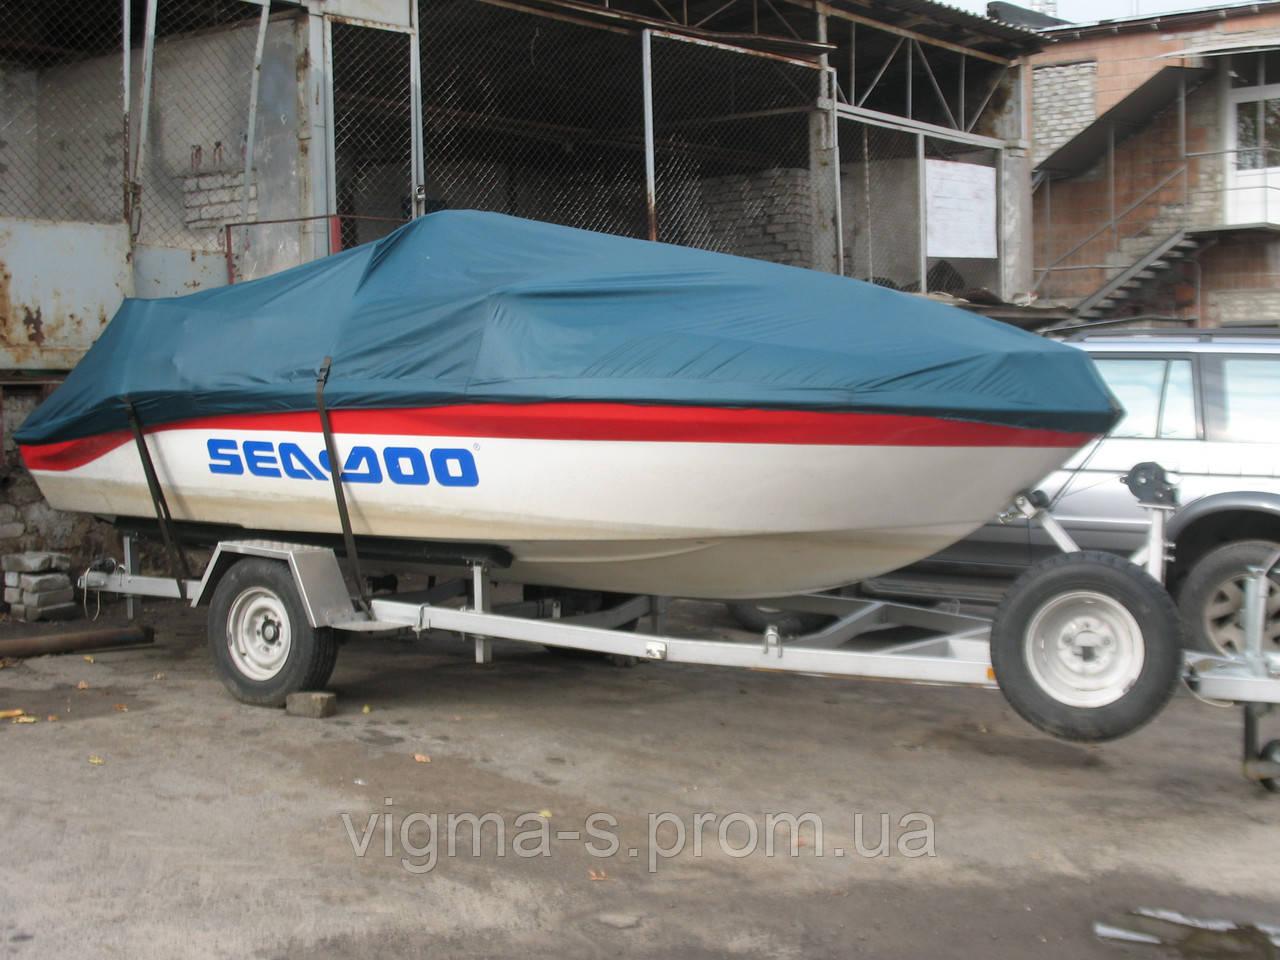 Пошив тентов на катера и лодки в Харькове